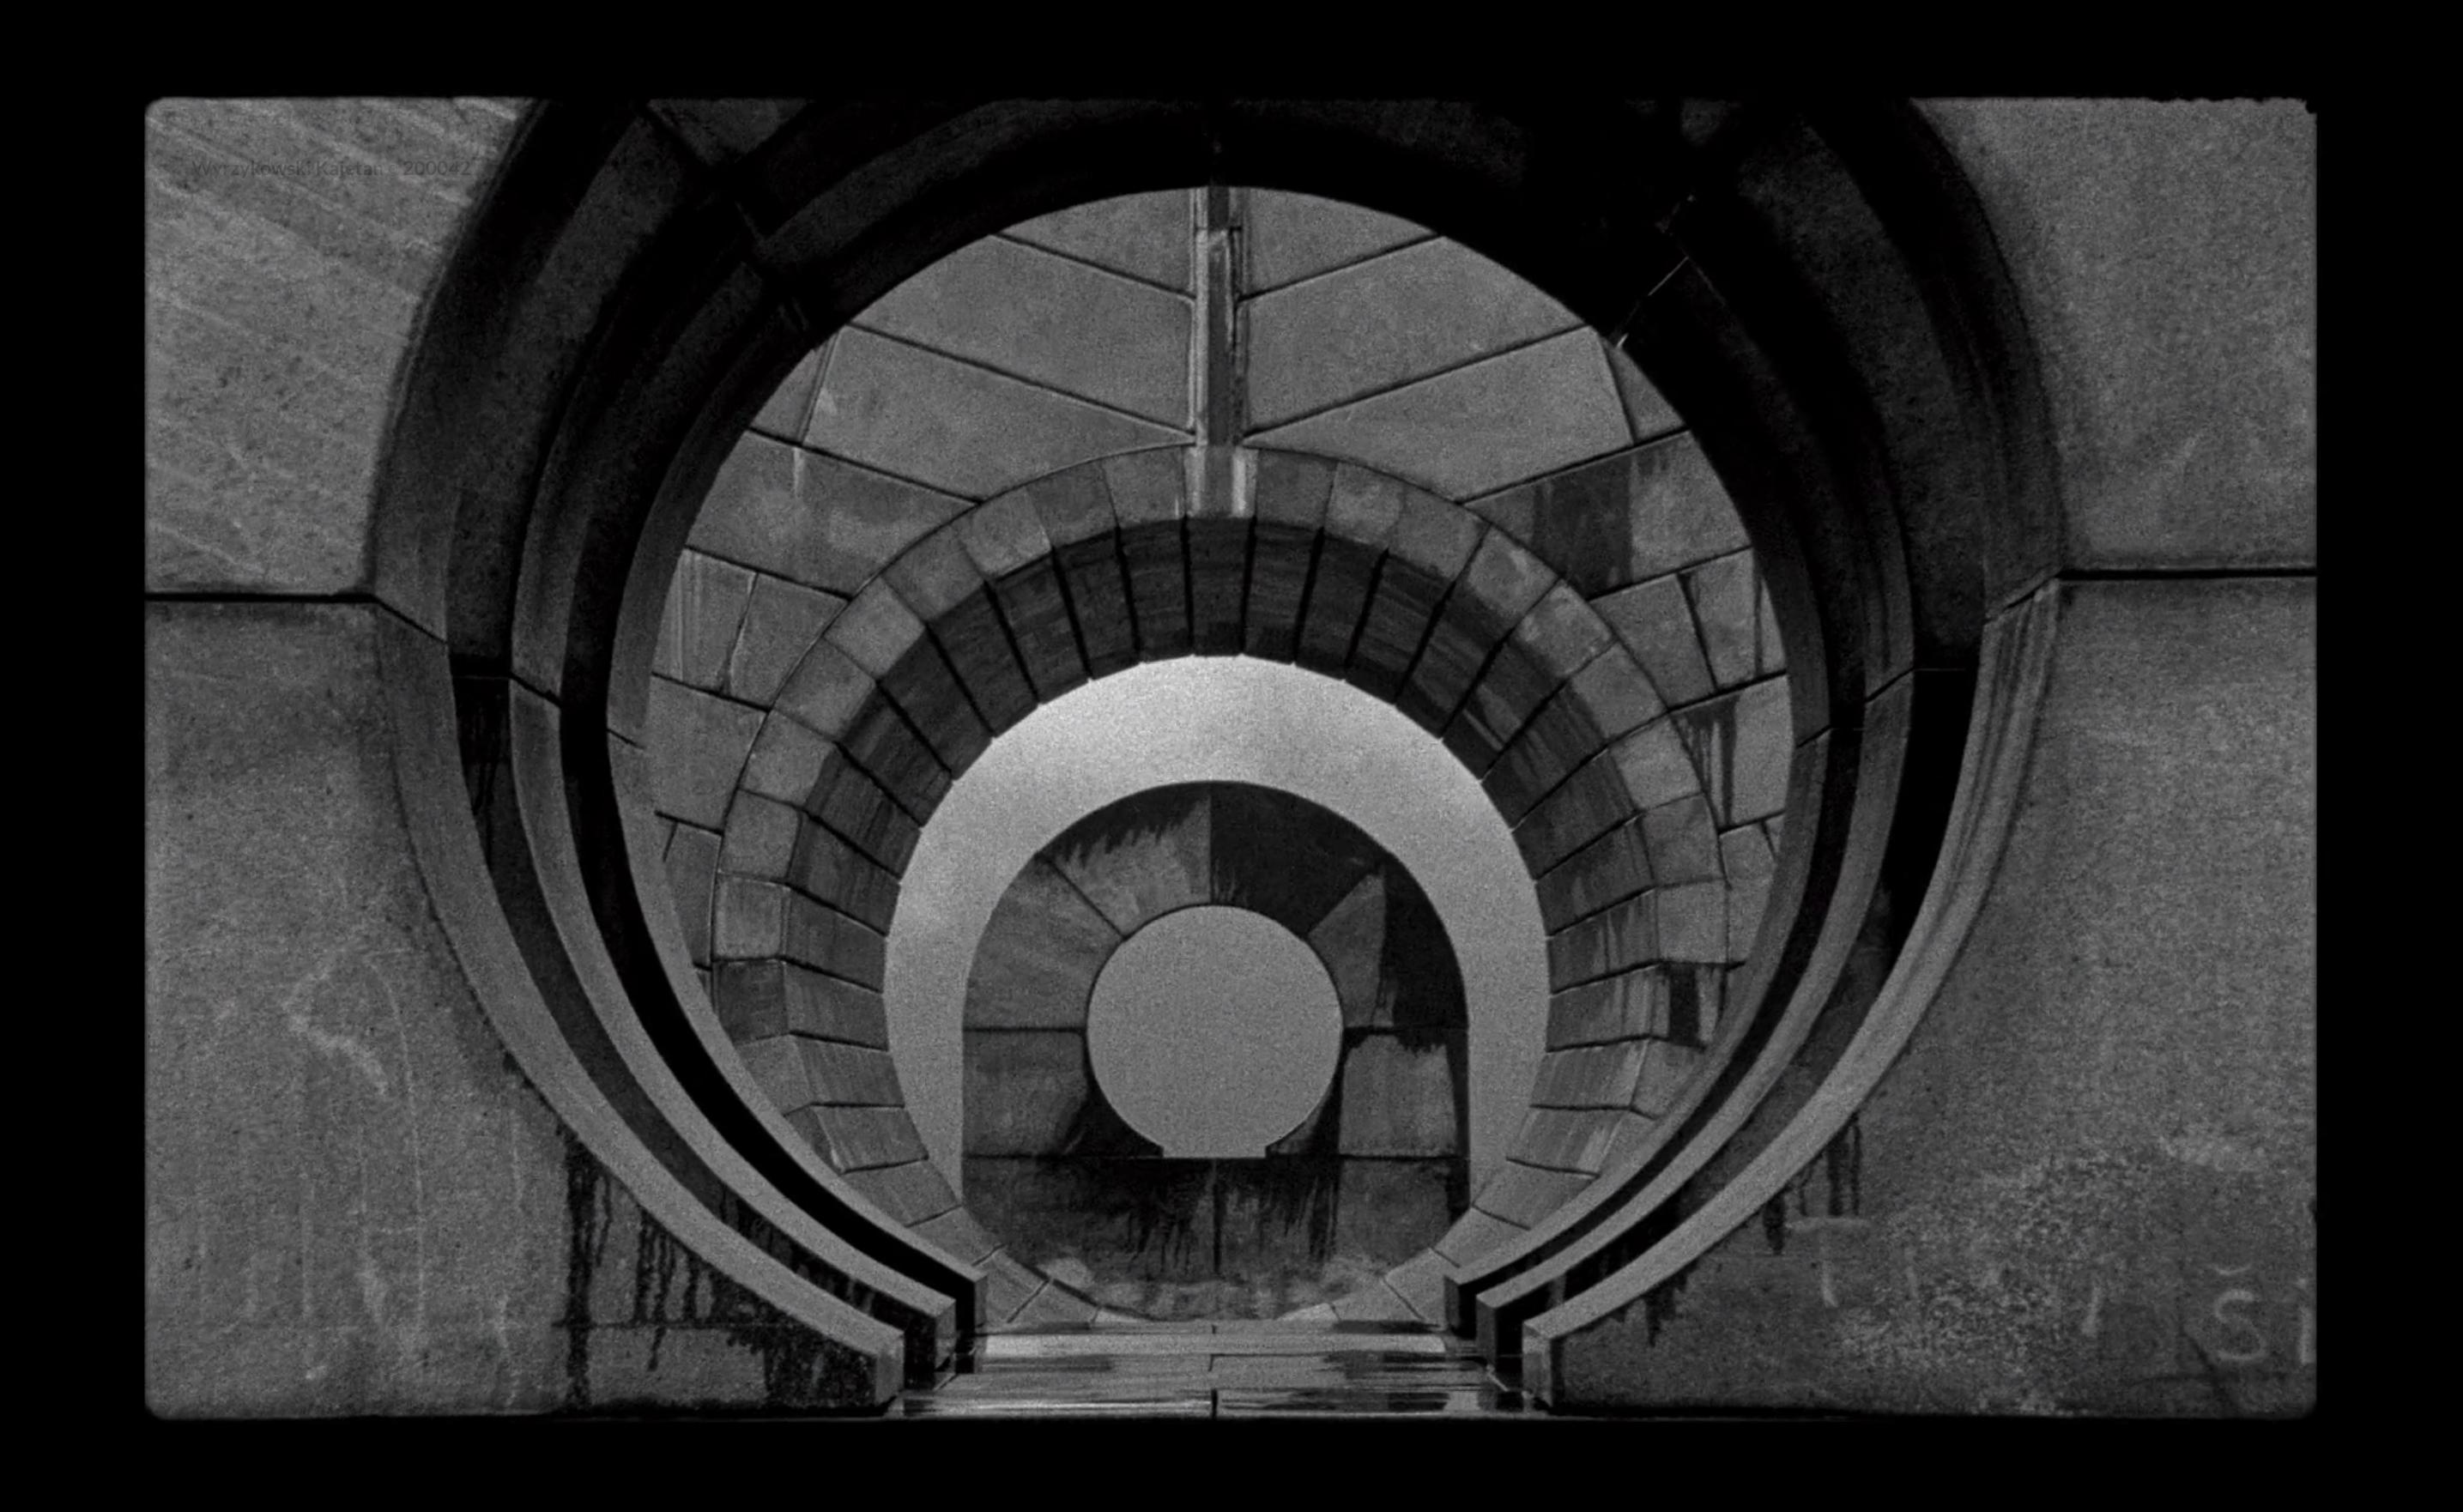 Spomenik, as seen in Last and First Men (2020)